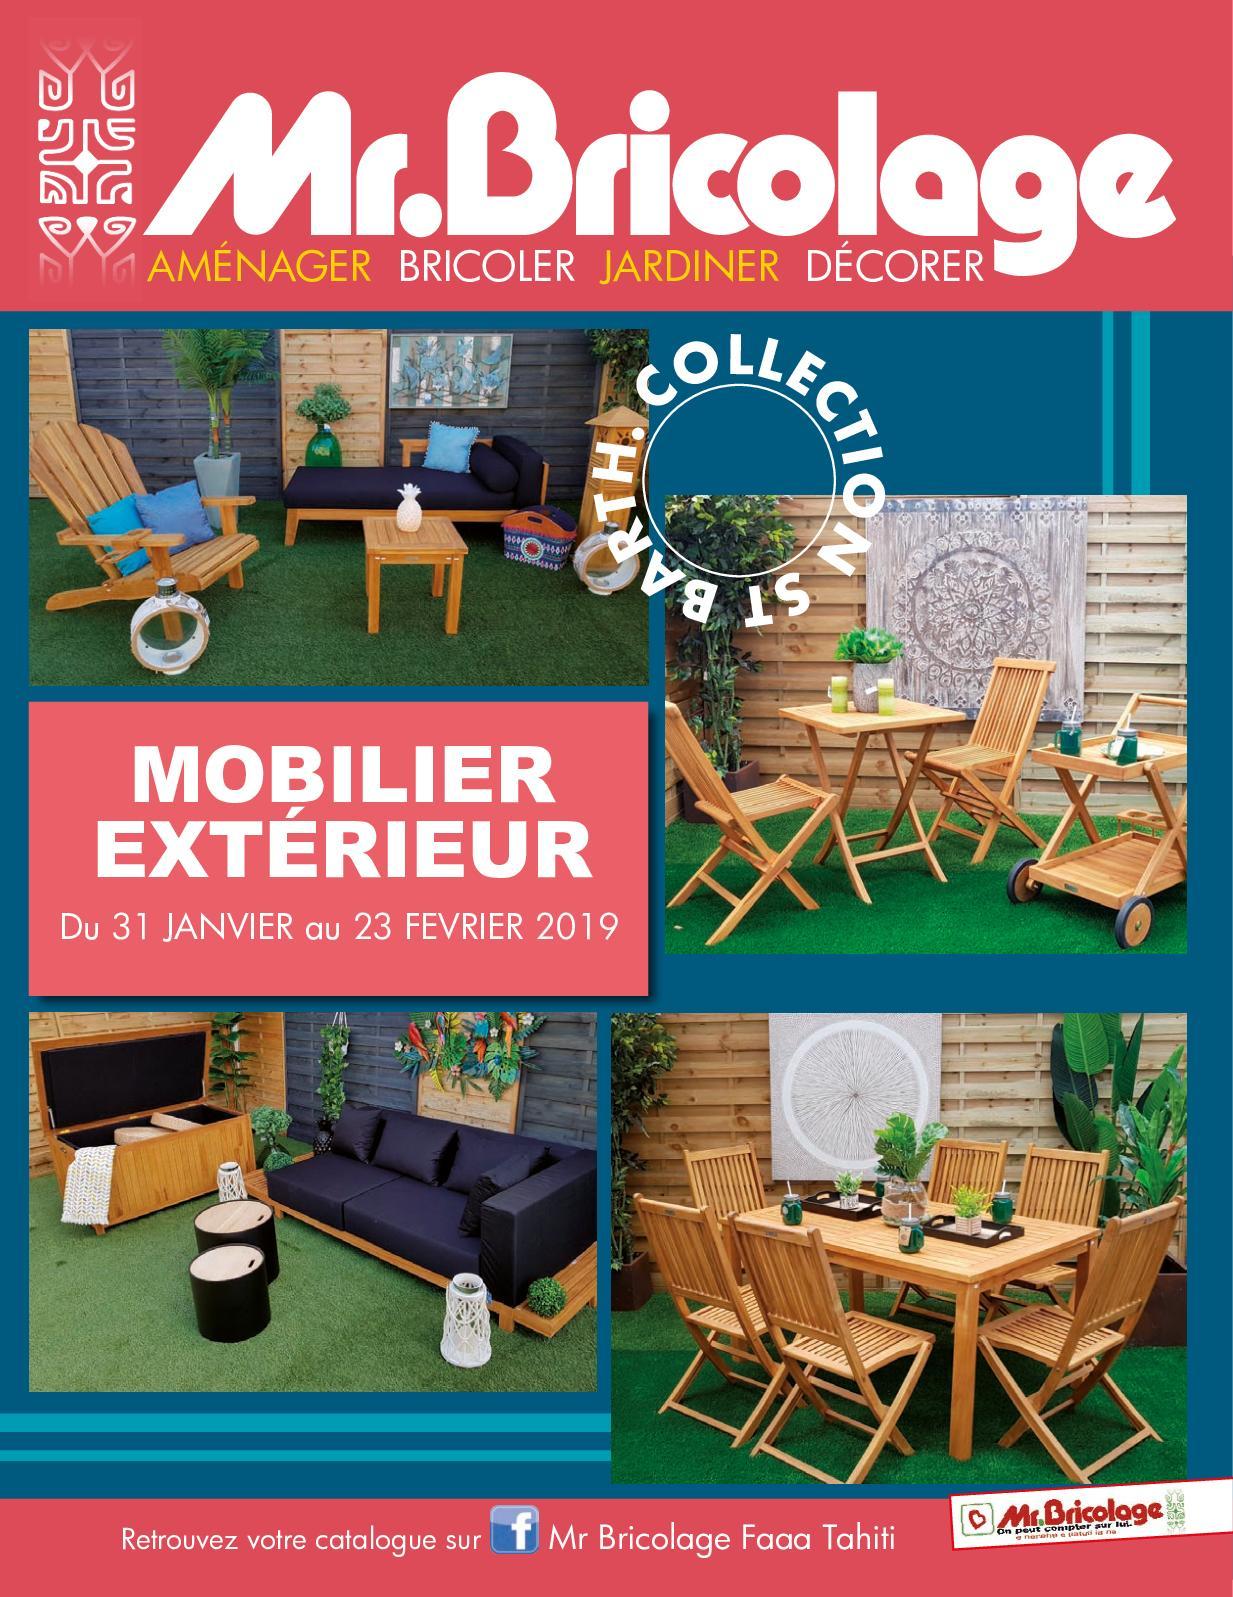 Calaméo - Mr Bricolage Mobilier pour Salon De Jardin Mr Bricolage